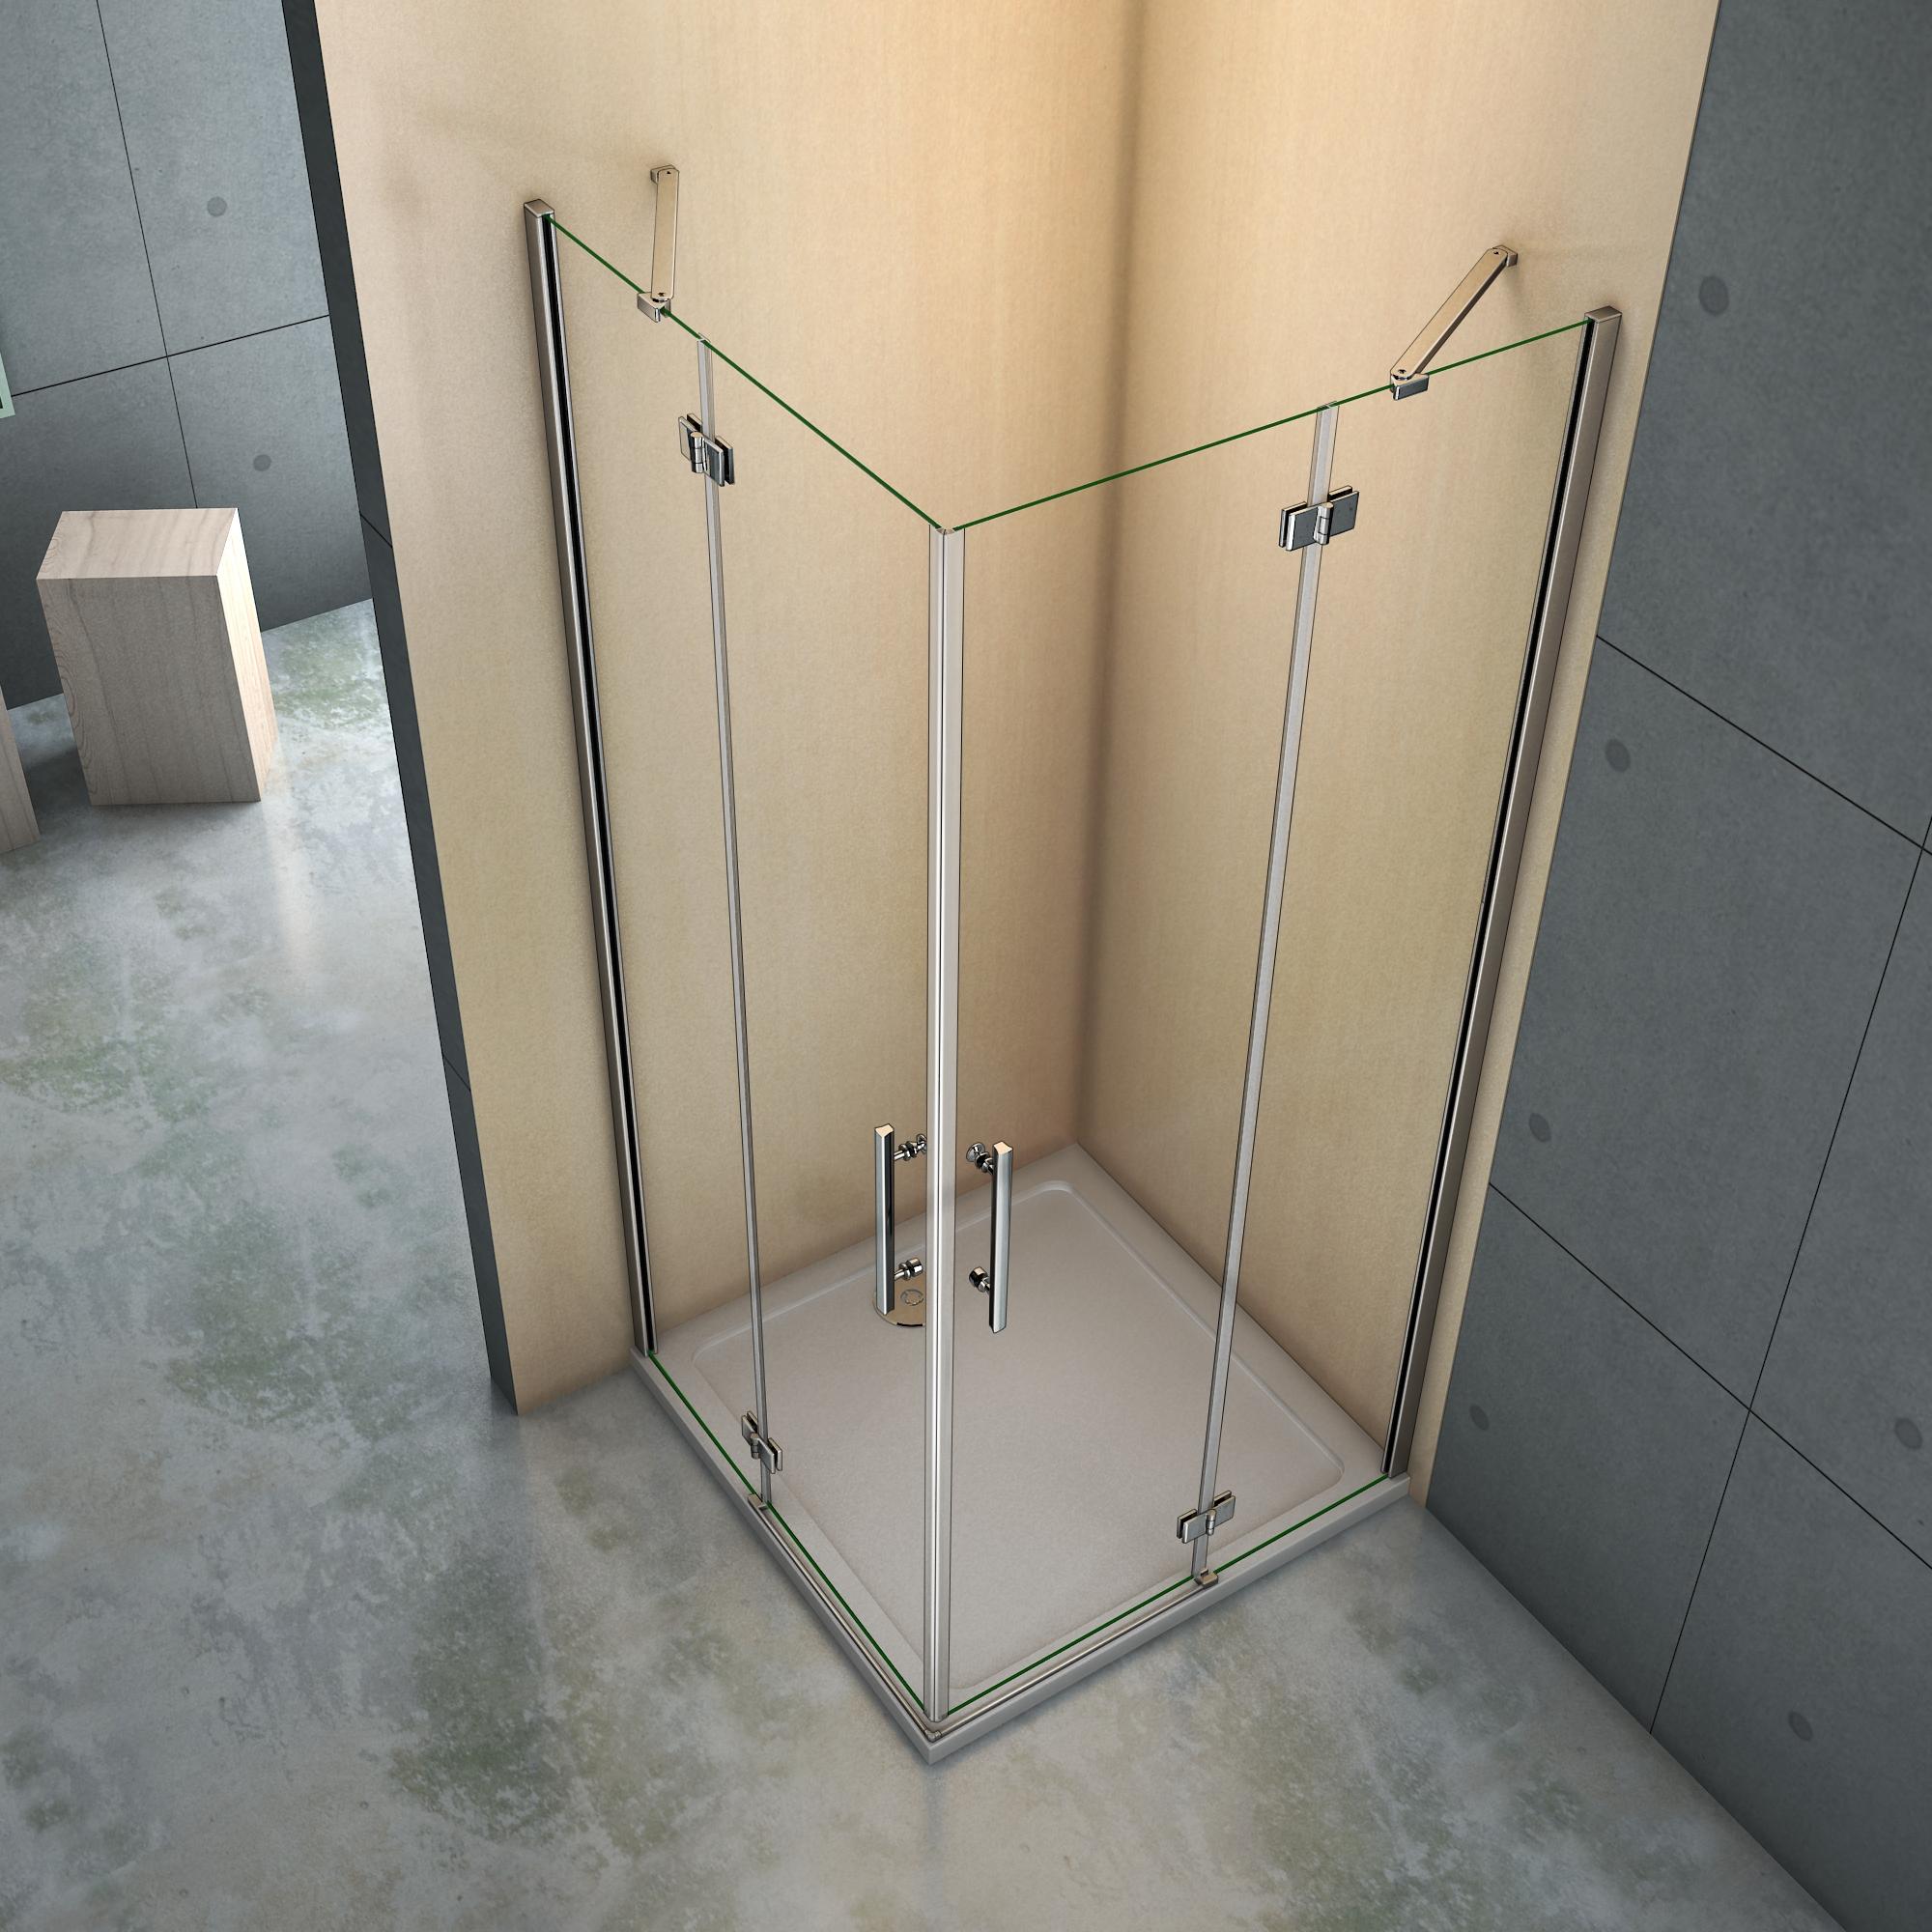 Duschkorb Duschablage Duschregal Badezimmerablage Edelstahl